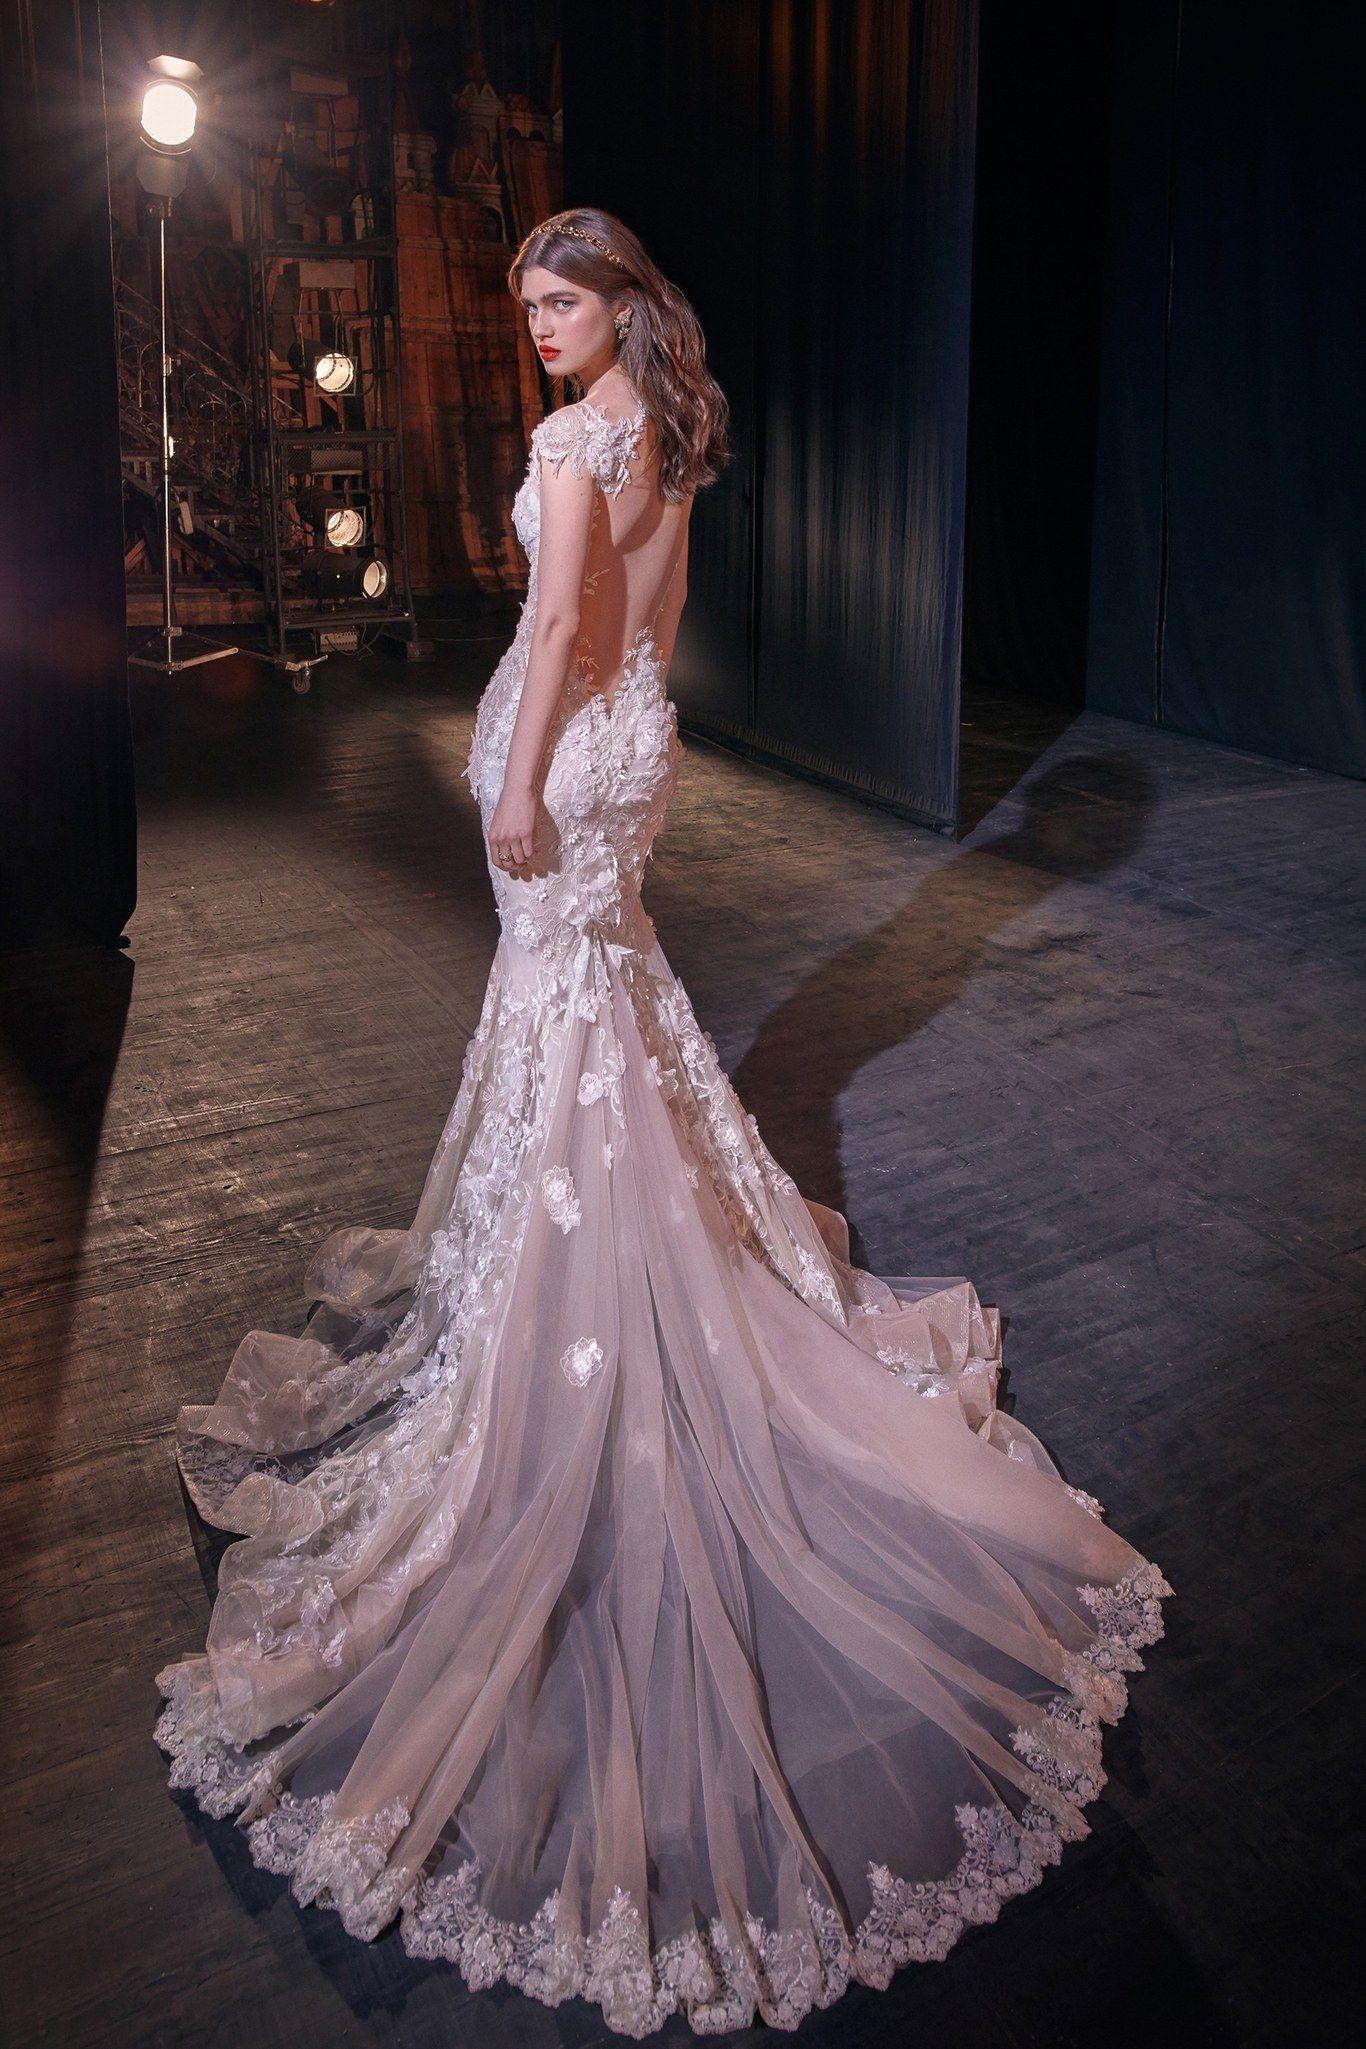 Galia Lahav Frühjahr/Sommer 2020 Bridal - Fashion Shows ...